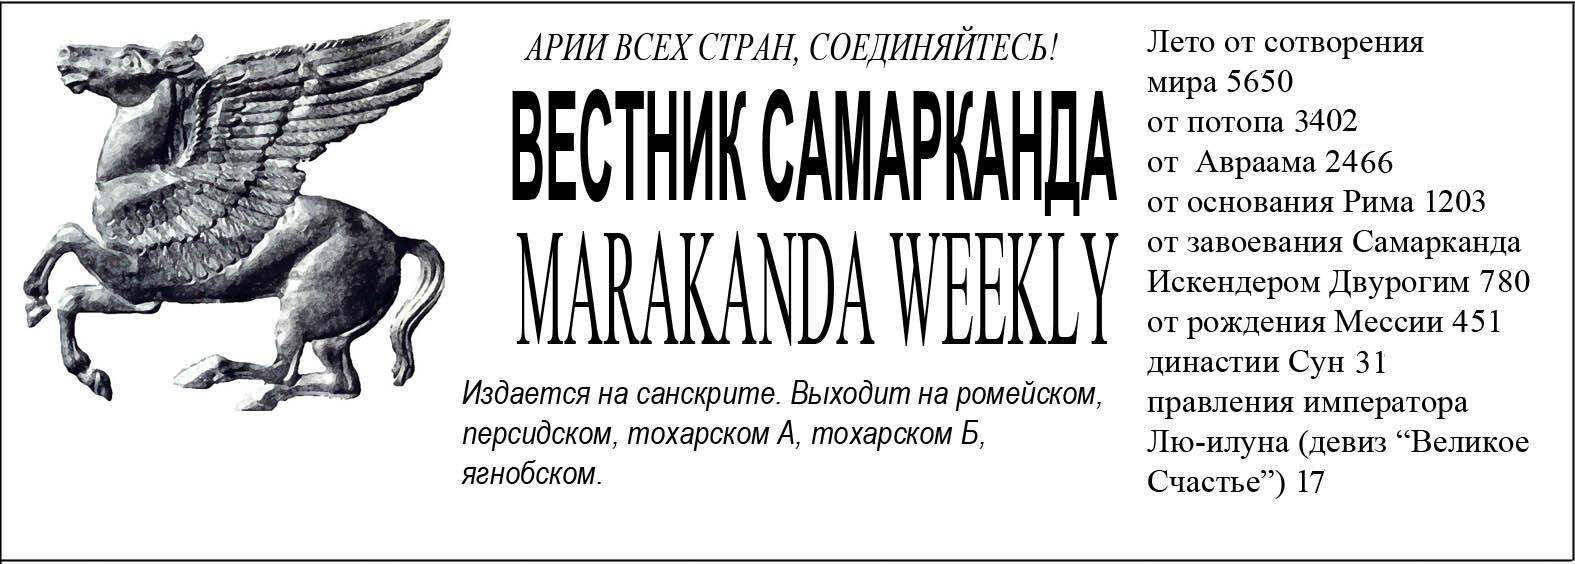 вестник Самарканда.jpg